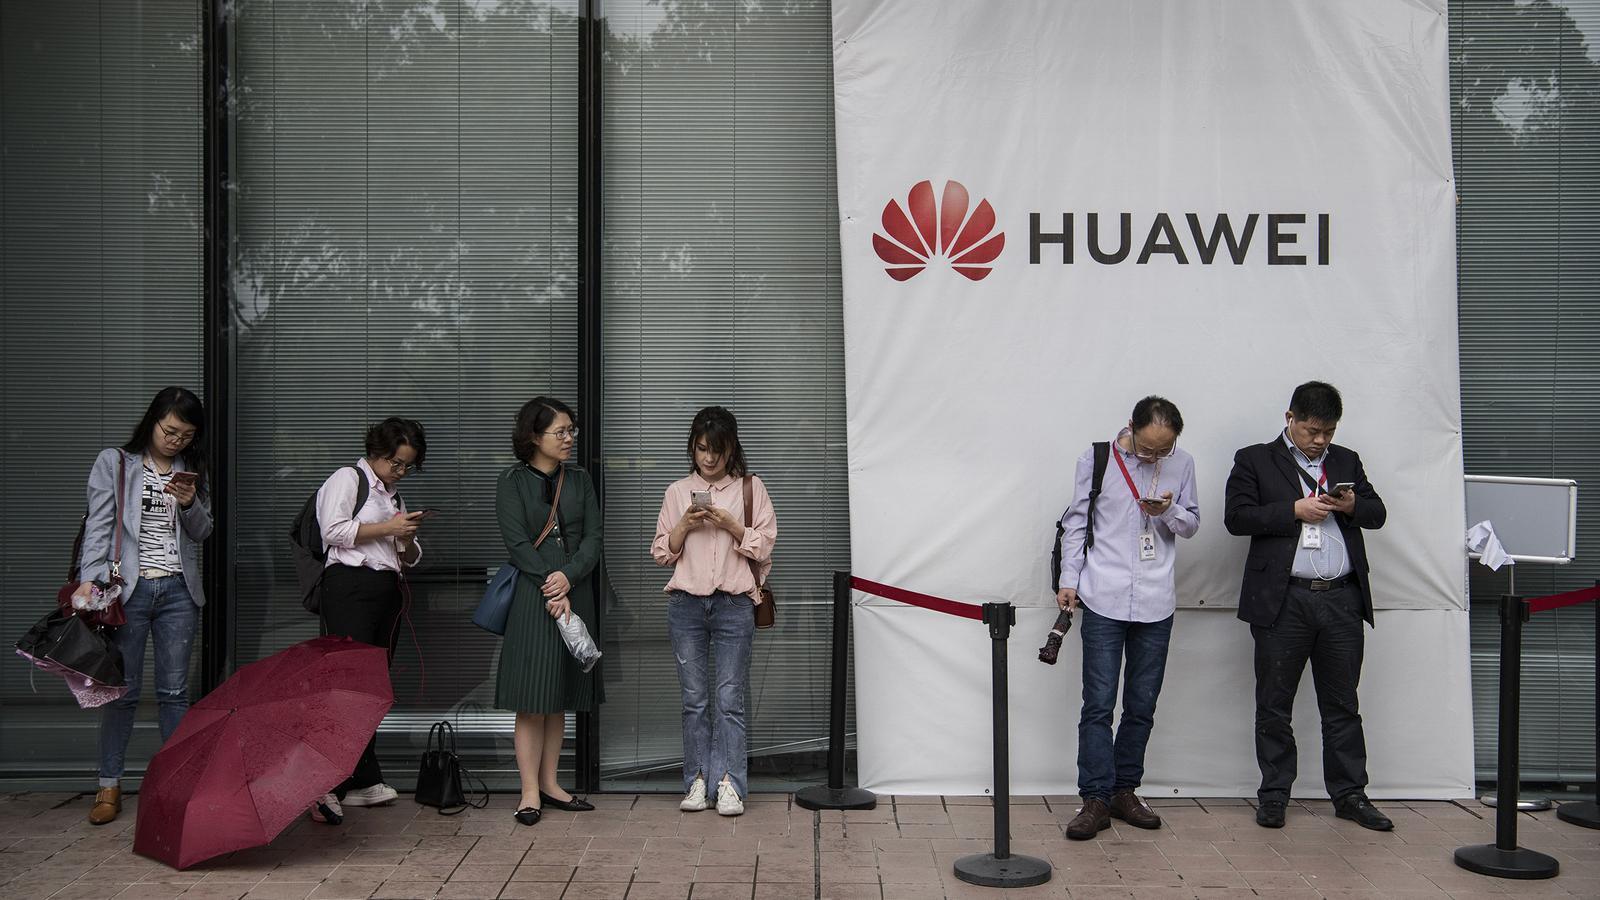 Treballadors de Huawei en una de les seves plantes a la Xina / Kevin Frayer/ Getty